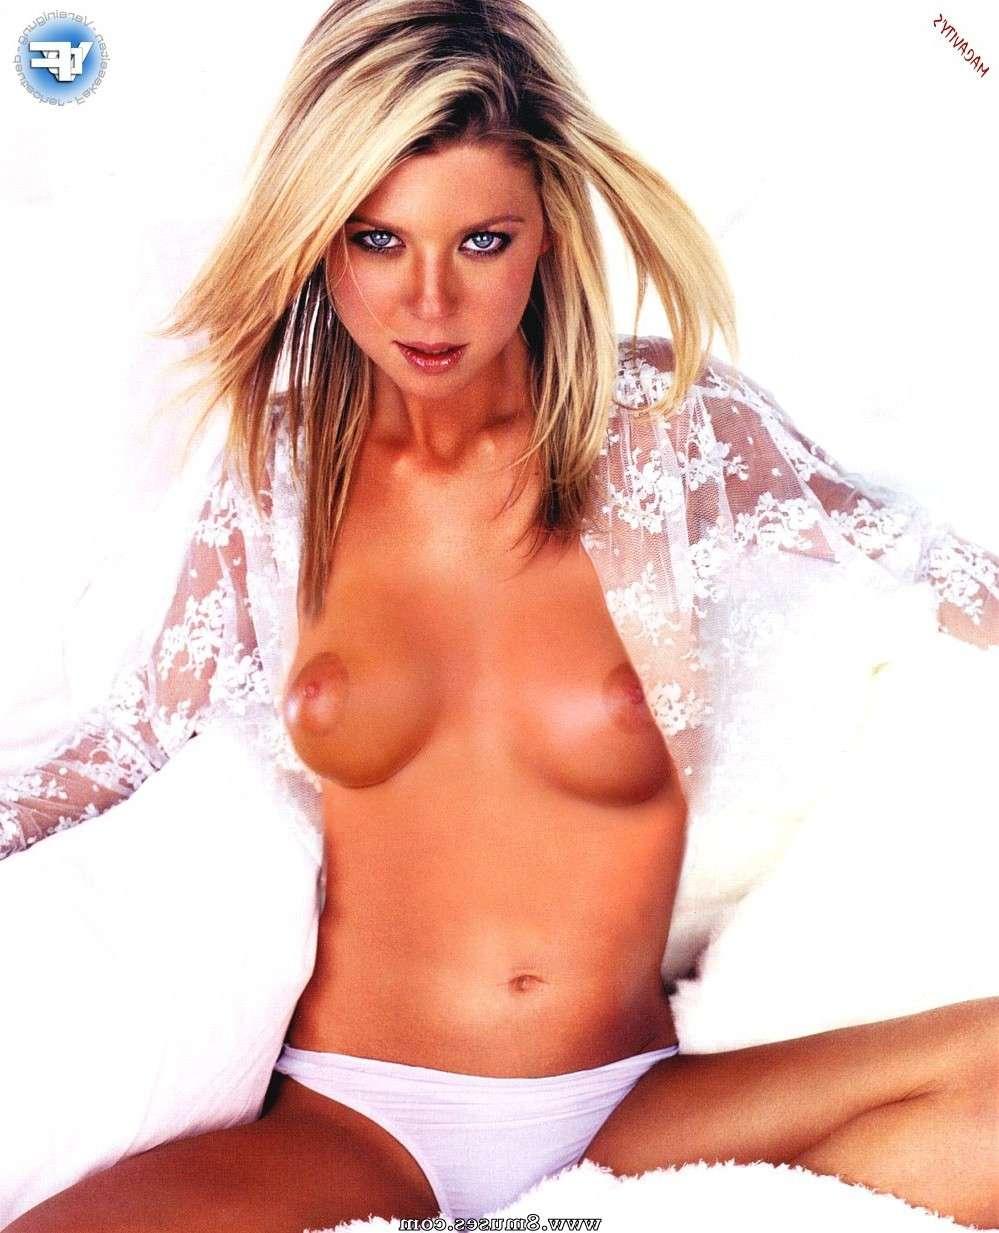 Tara reid nude photos